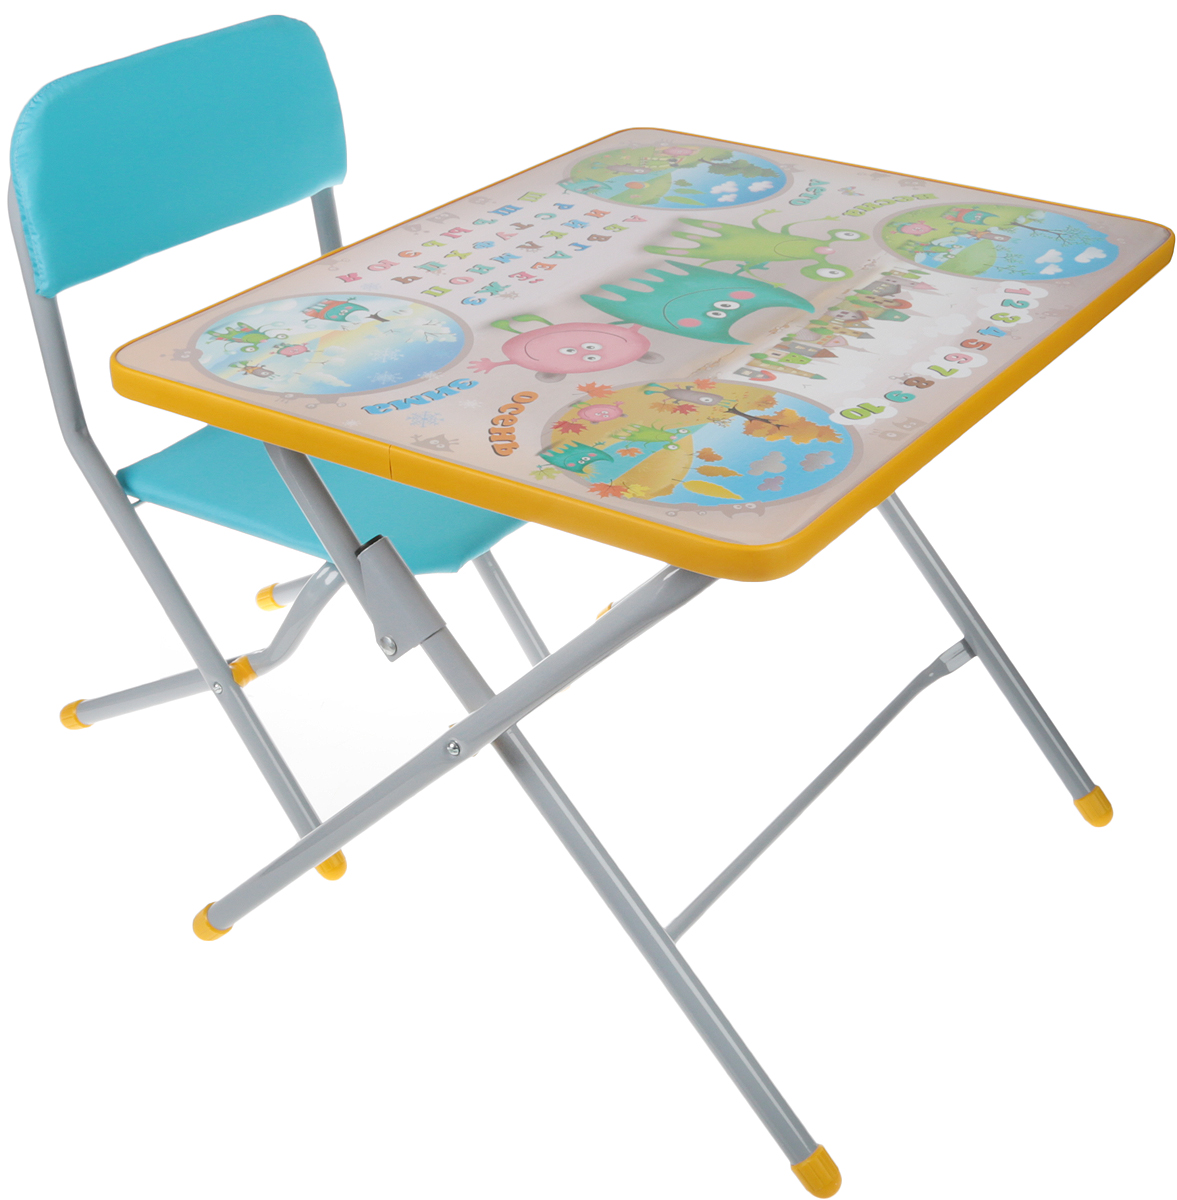 Фея Набор детской мебели Досуг Монстрики фея набор детской мебели досуг динозаврики